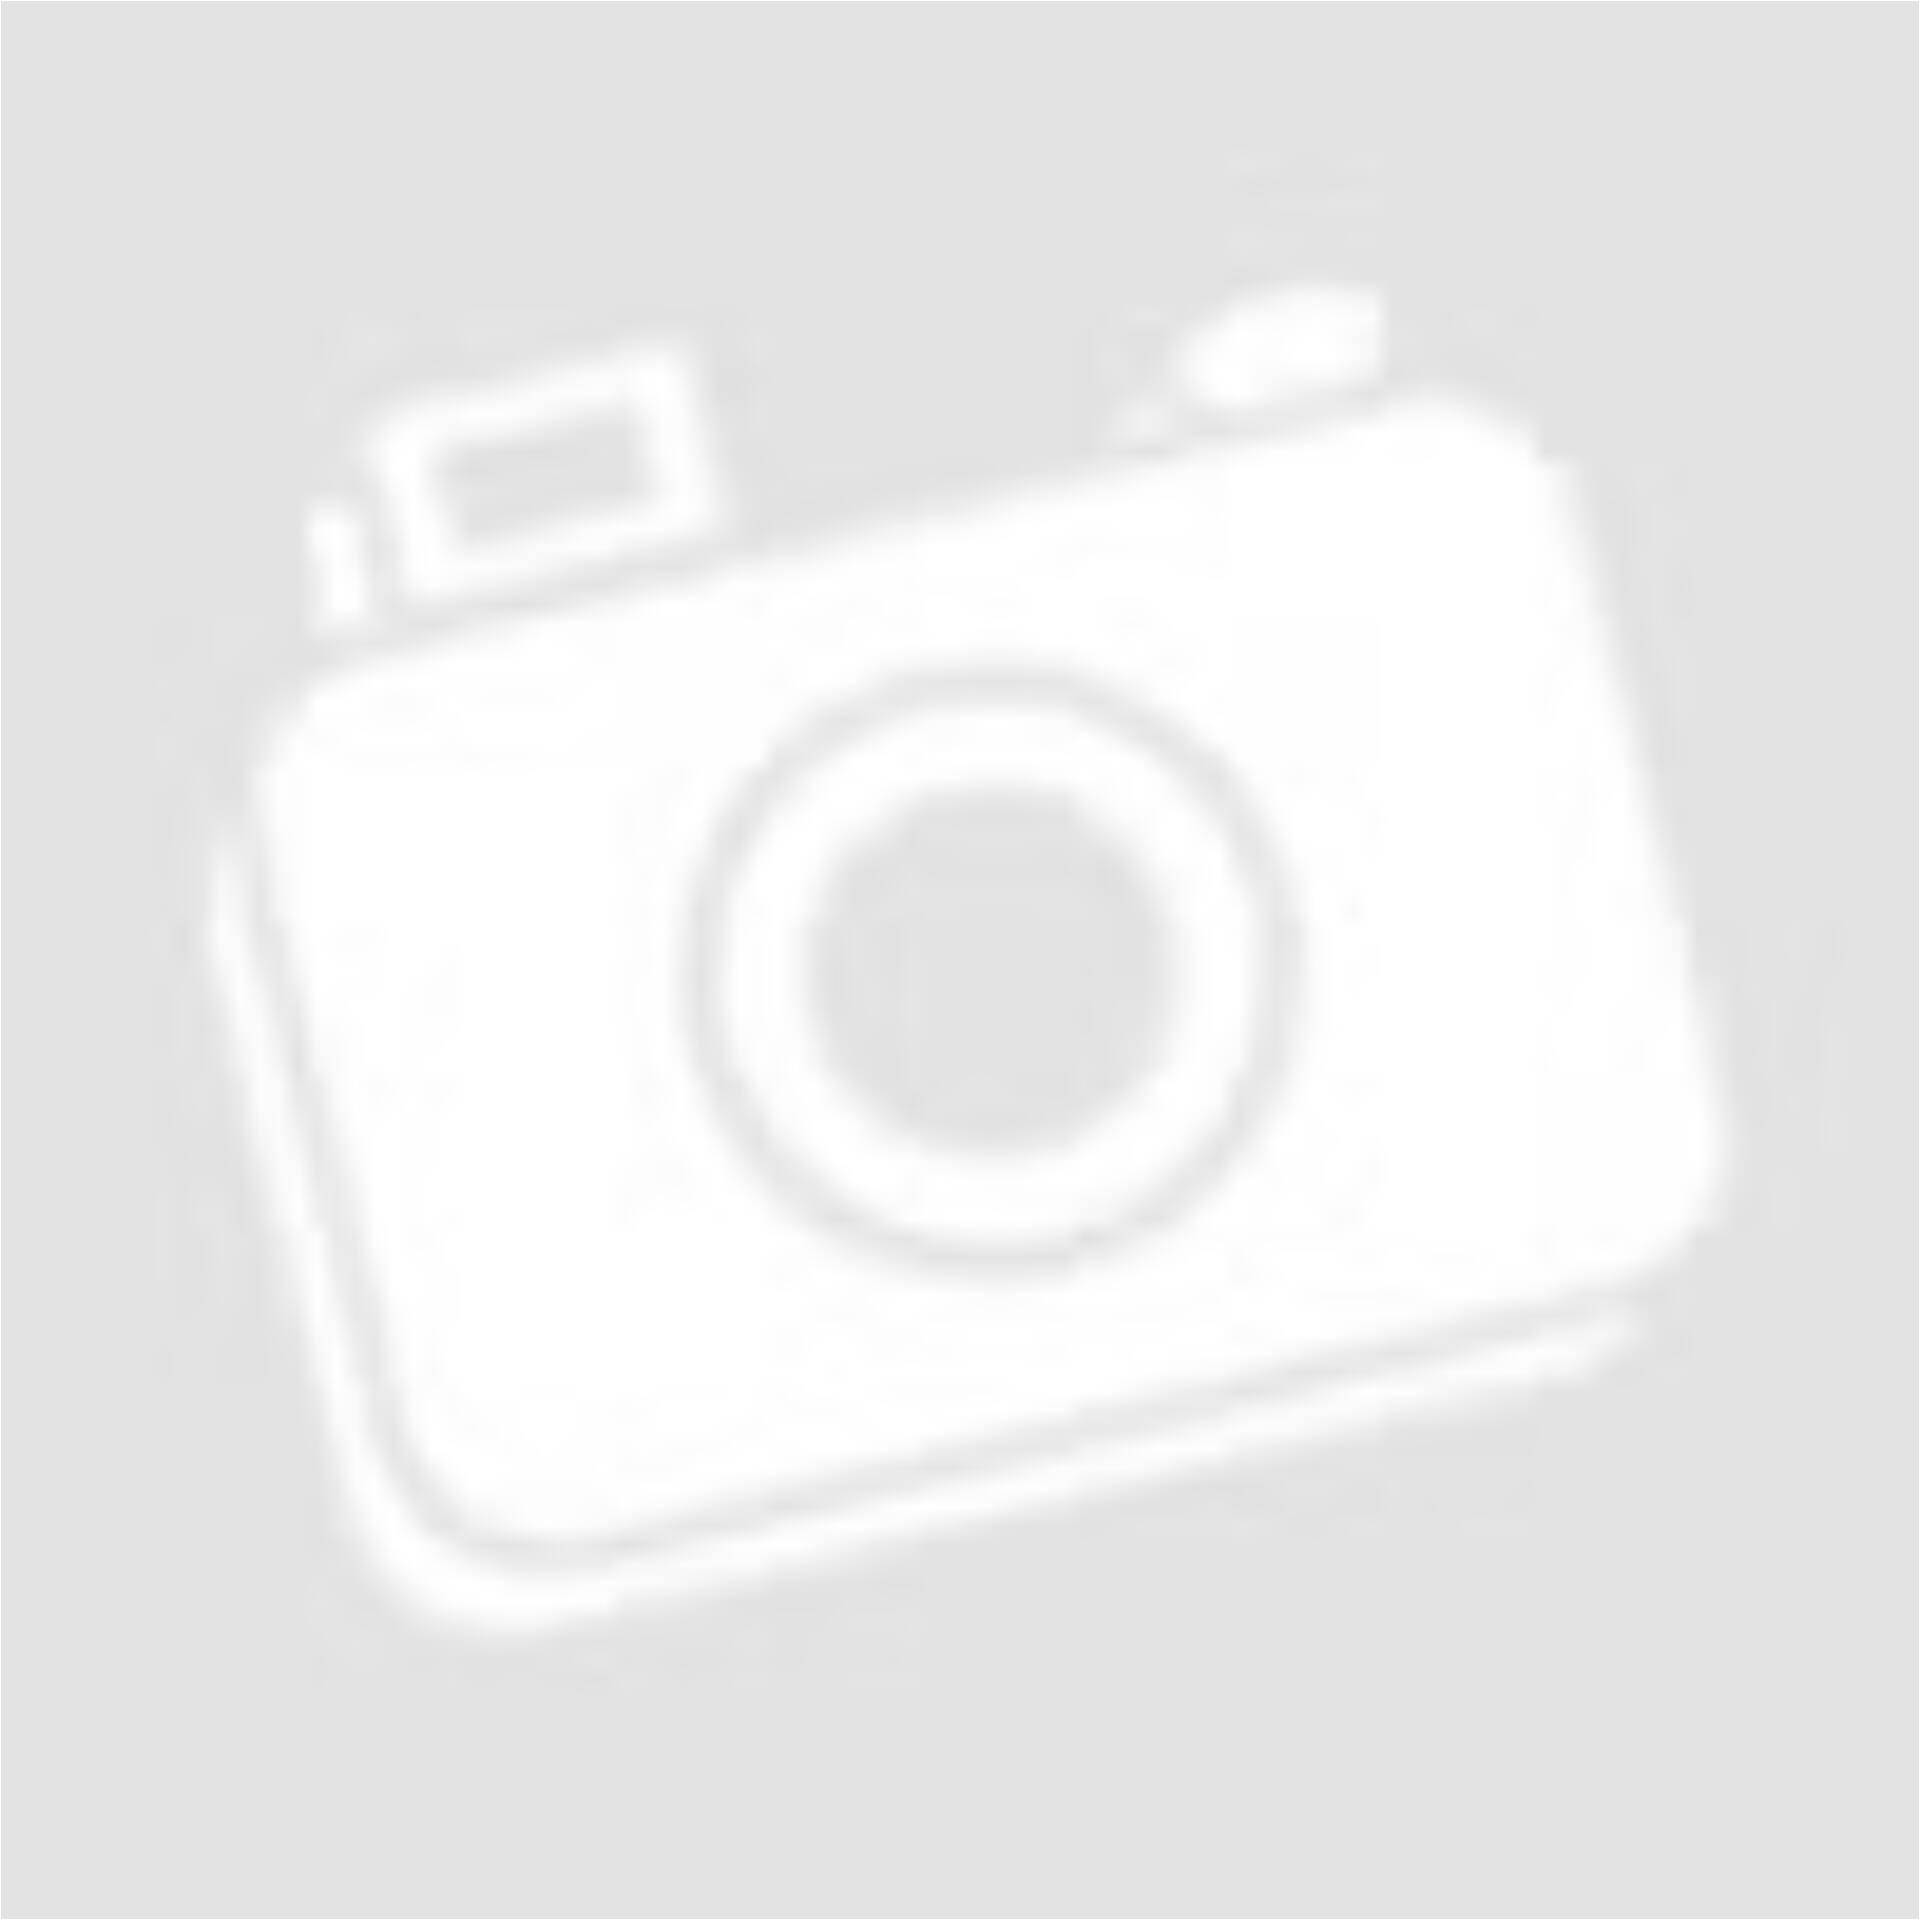 c18cd090e5 S.OLIVER fehér színű hímzett férfi ing (Méret: M) - Ing - Öltözz ki ...